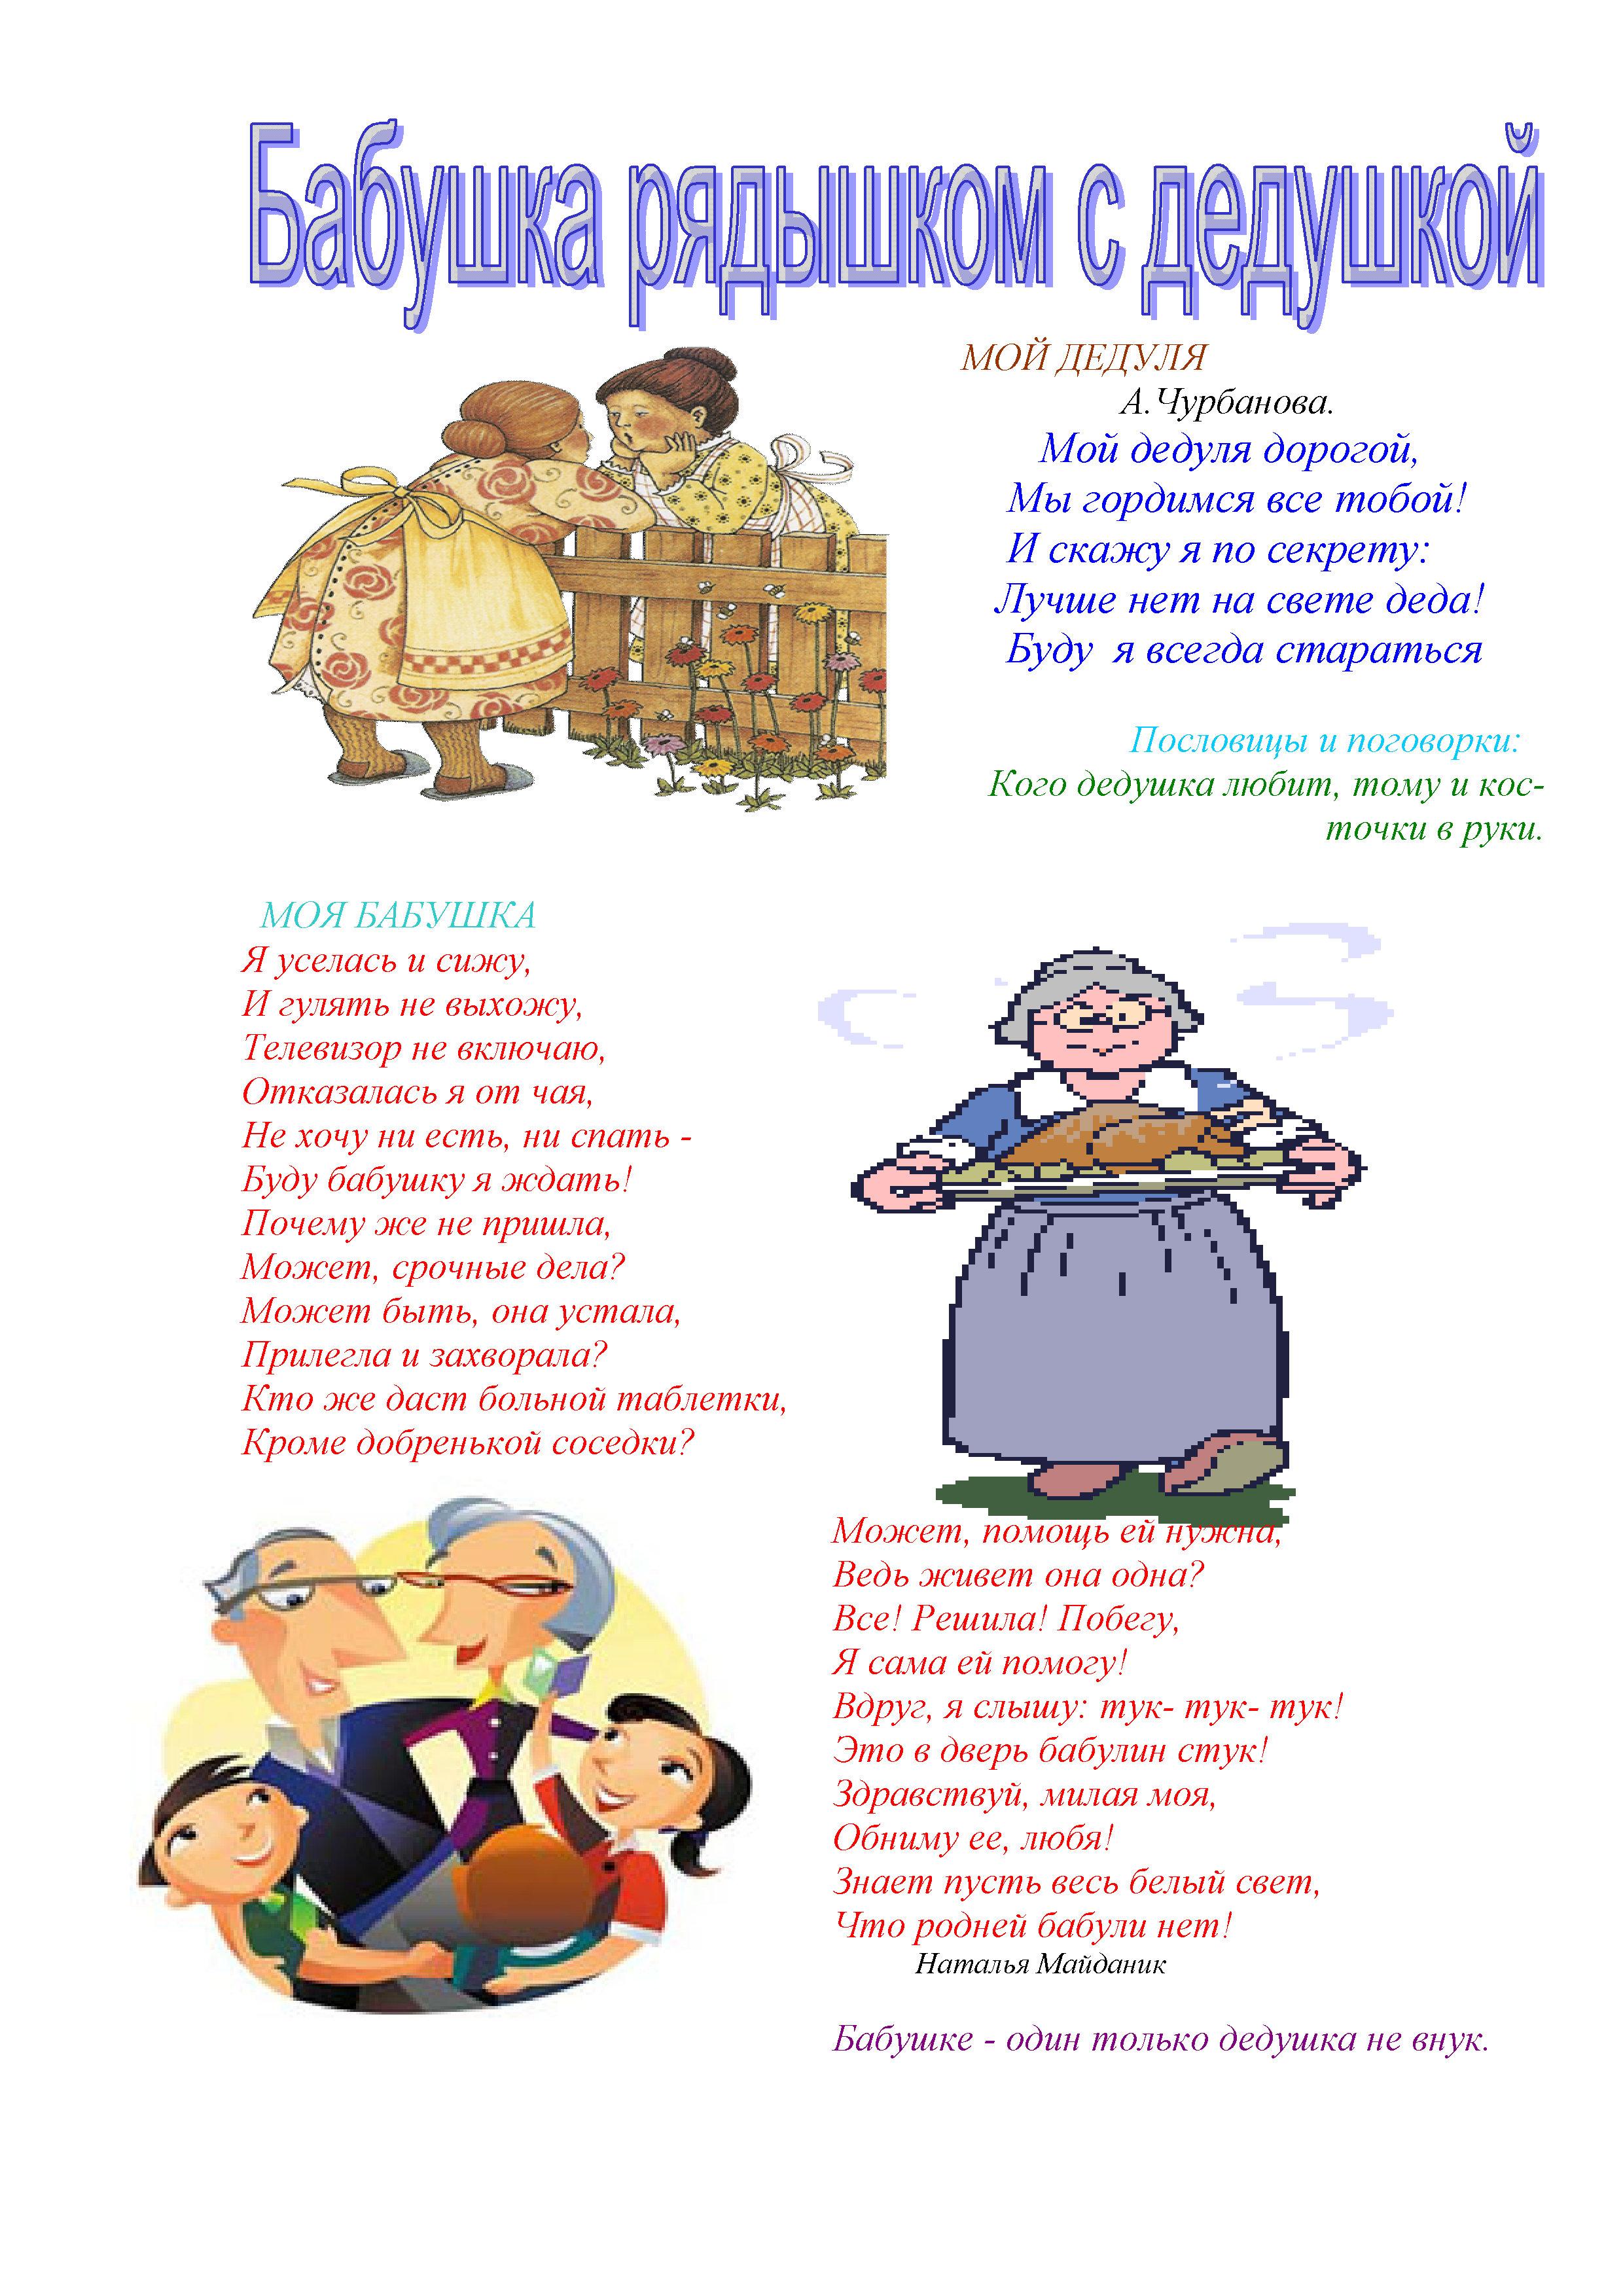 Стих про бабушек и дедушек в одном стихе